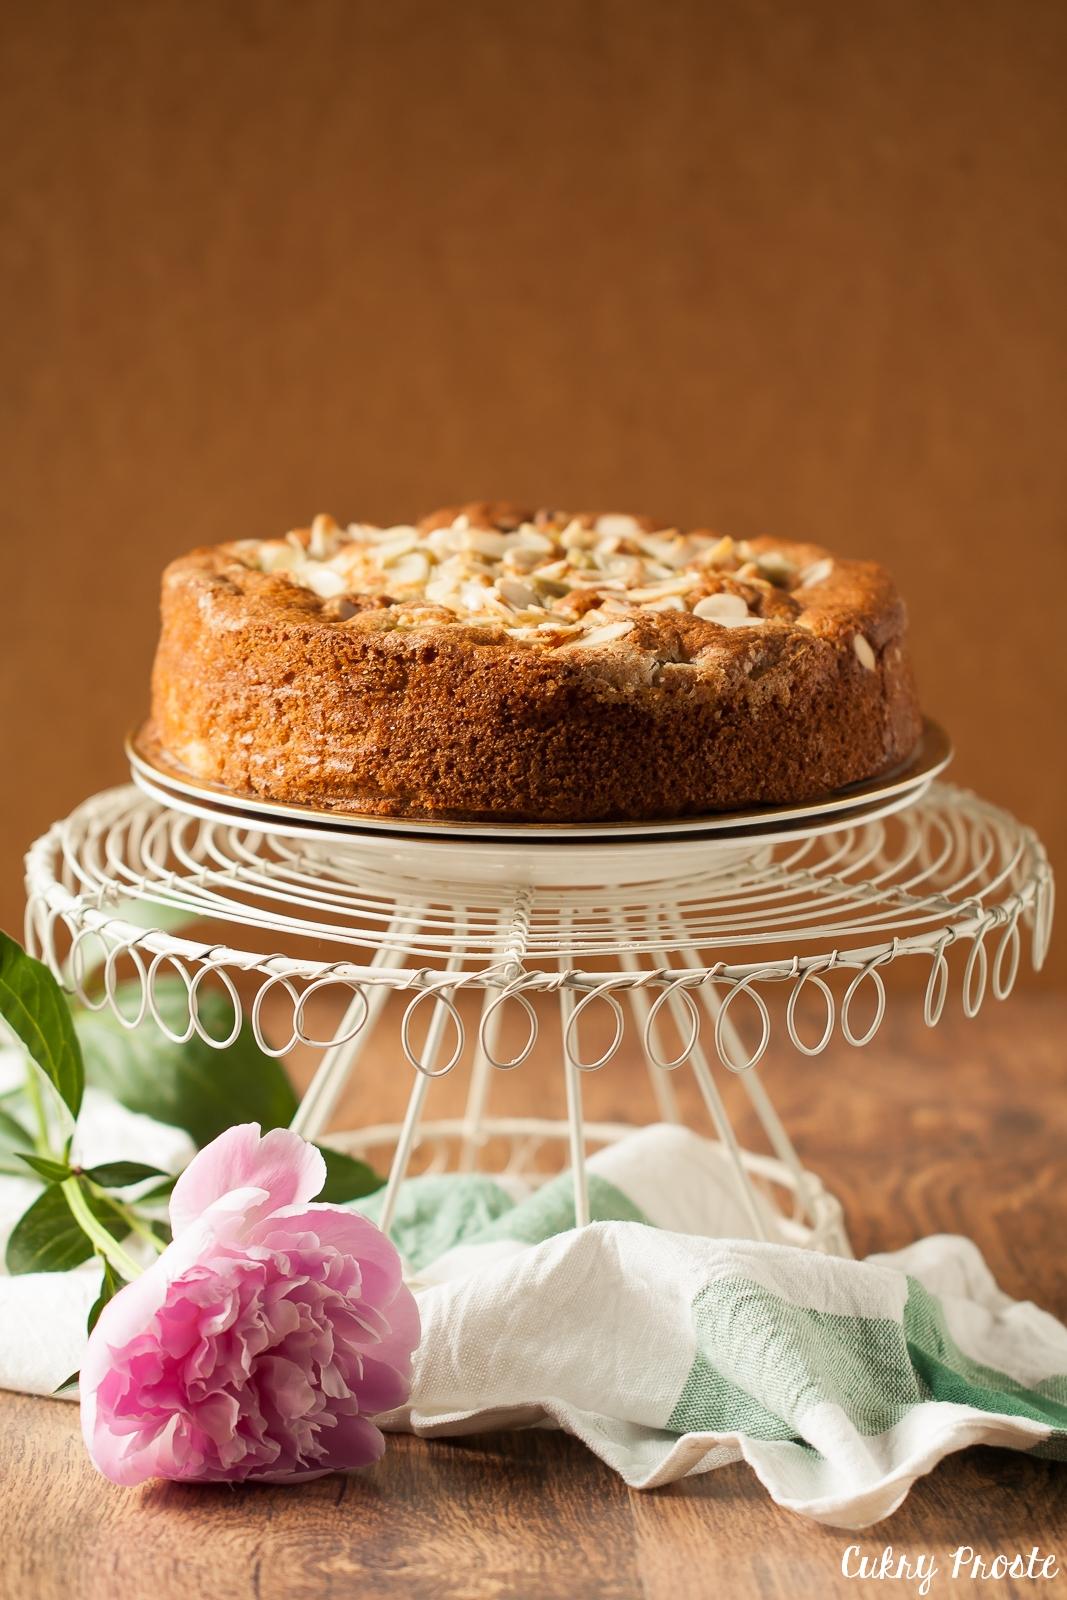 Rabarberkaka - skandynawskie ciasto z rabarbarem